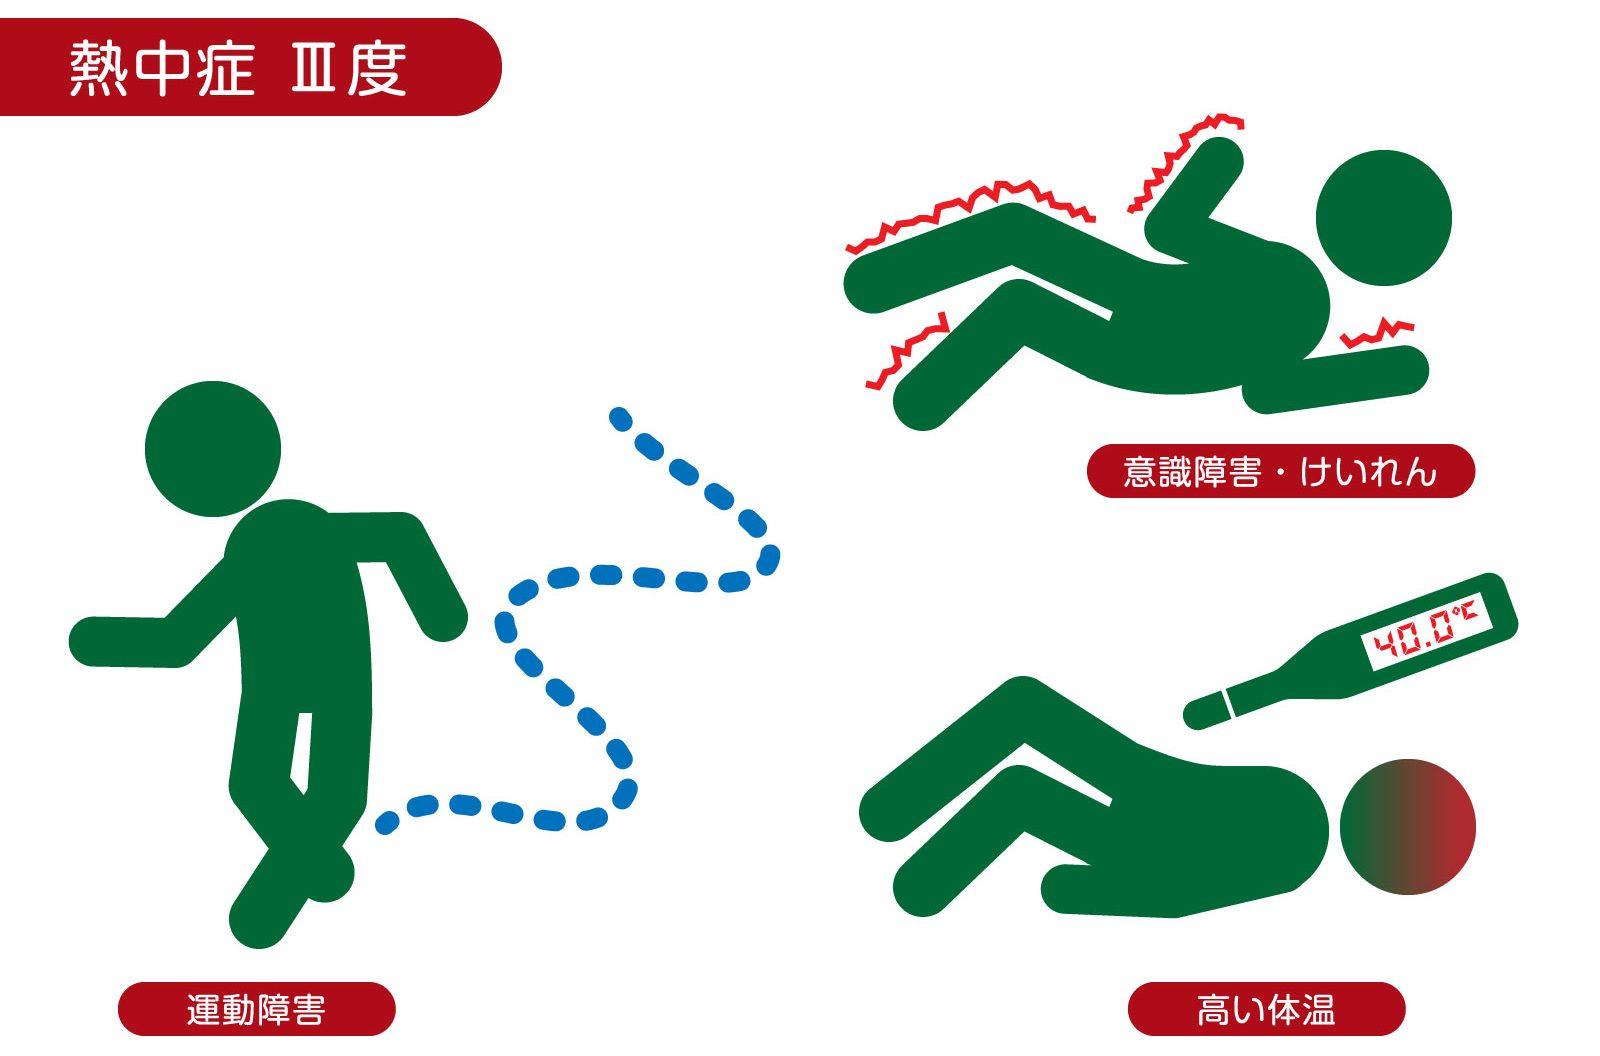 熱中症 Ⅲ度 症状